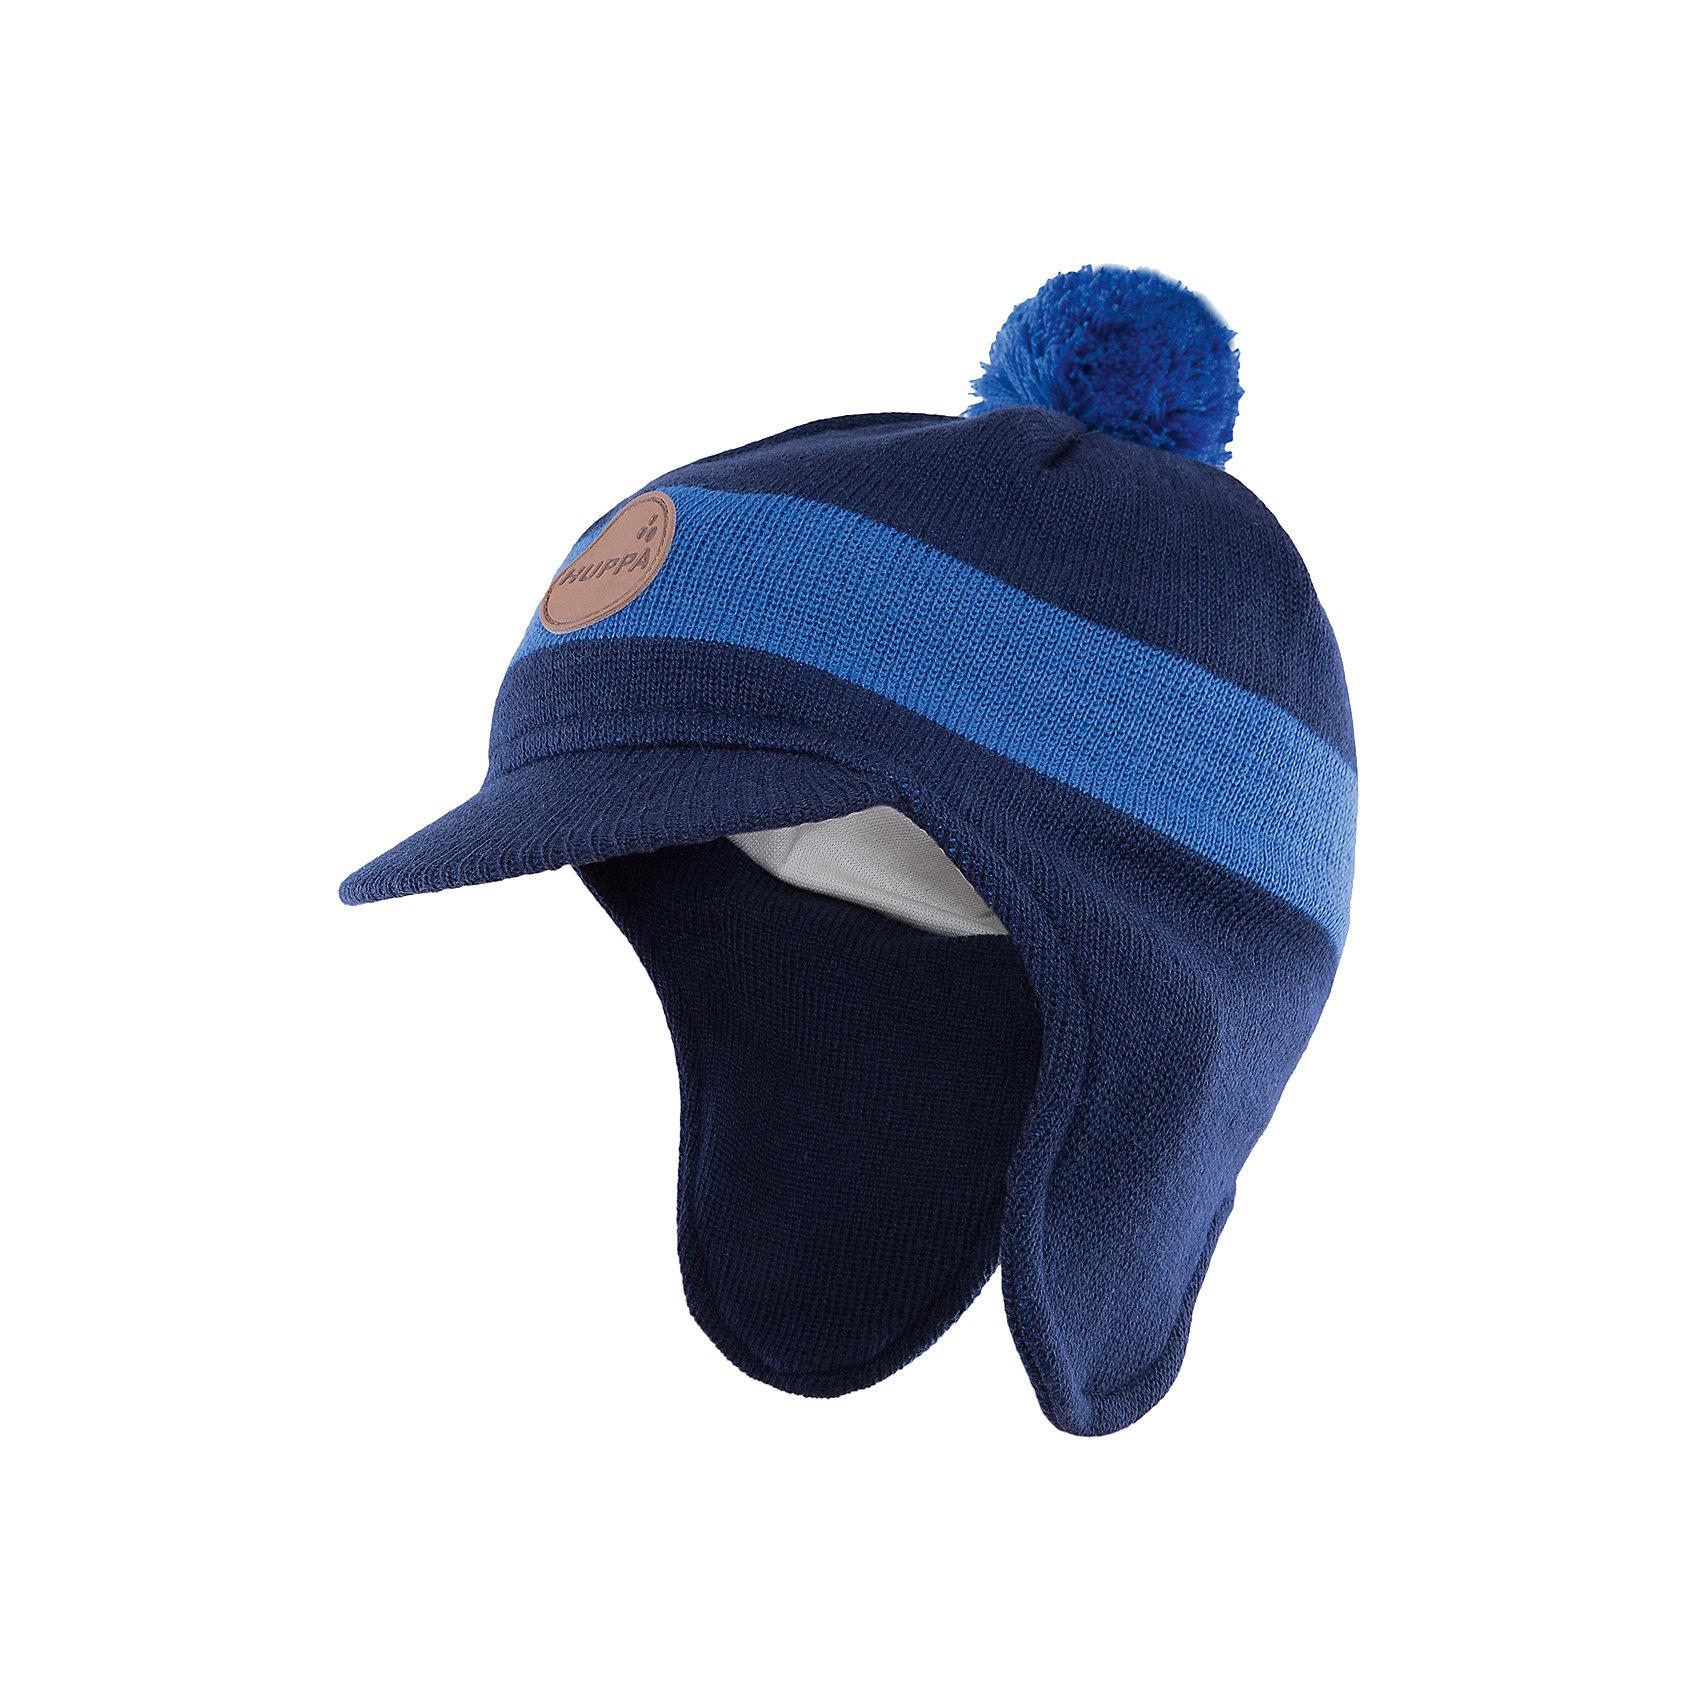 Шапка  HuppaДемисезонные<br>Шапка Peak с козырьком от Huppa(Хуппа) надежно сохранит тепло для вашего ребенка. Она изготовлена из шерсти и акрила, с подкладкой из натурального хлопка. Удлиненные бока и козырек защитят малыша от мороза и ветра. Шапка украшена помпоном и эмблемой фирмы. Прекрасно подойдет для холодной погоды.<br><br>Дополнительная информация:<br>Цвет: синий/темно-синий<br>Материал: 30% шерсть мериноса, 70% акрил<br>Подкладка: 100% хлопок<br><br>Шапку с козырьком Huppa(Хуппа) вы можете купить в нашем интернет-магазине.<br><br>Ширина мм: 89<br>Глубина мм: 117<br>Высота мм: 44<br>Вес г: 155<br>Цвет: синий<br>Возраст от месяцев: 12<br>Возраст до месяцев: 24<br>Пол: Мужской<br>Возраст: Детский<br>Размер: 47-49,55-57,51-53<br>SKU: 4923561